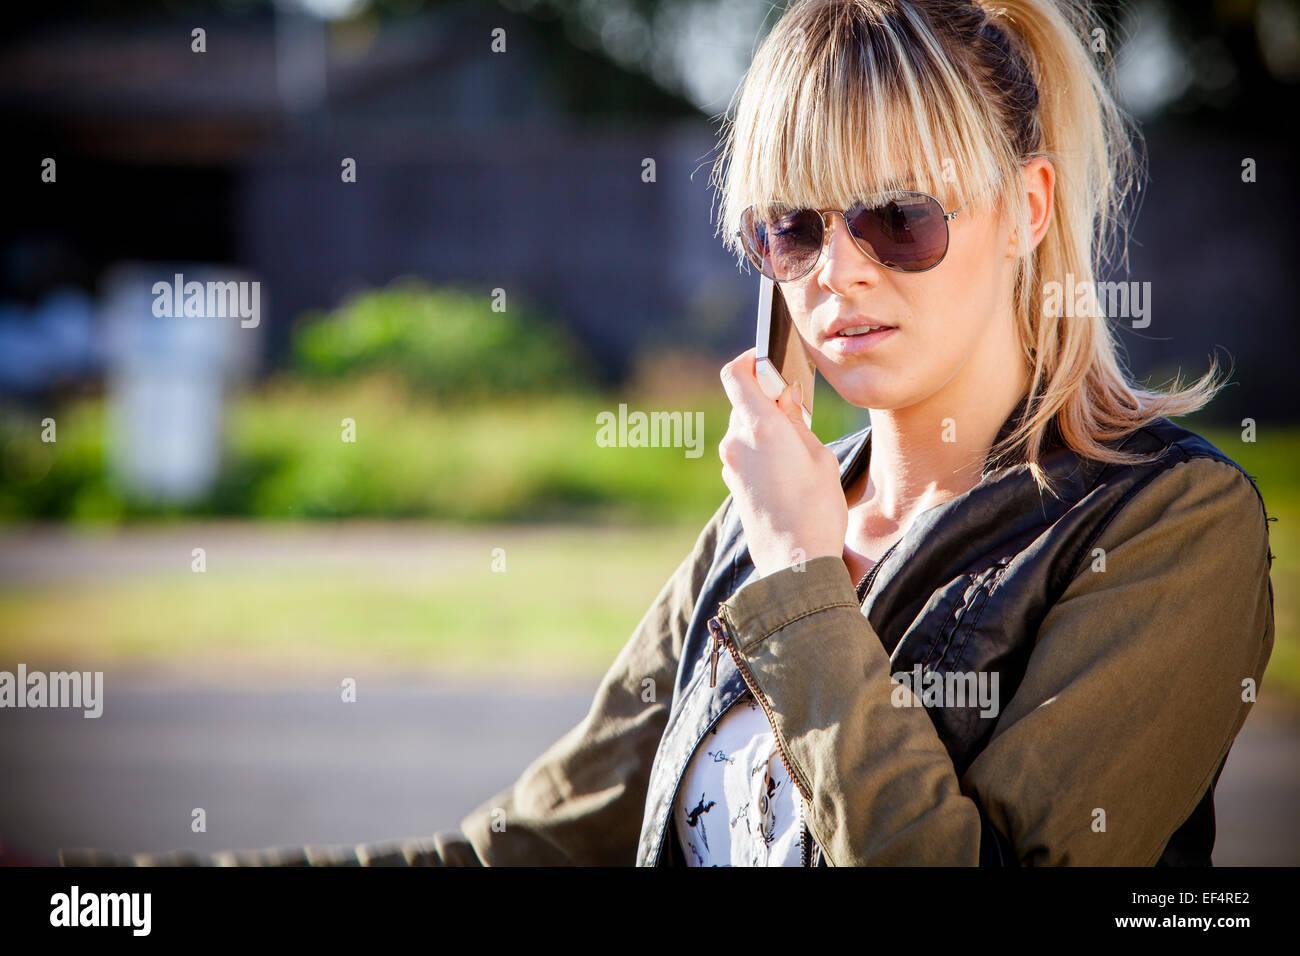 Jeune femme avec des lunettes à l'aide de mobile phone Photo Stock